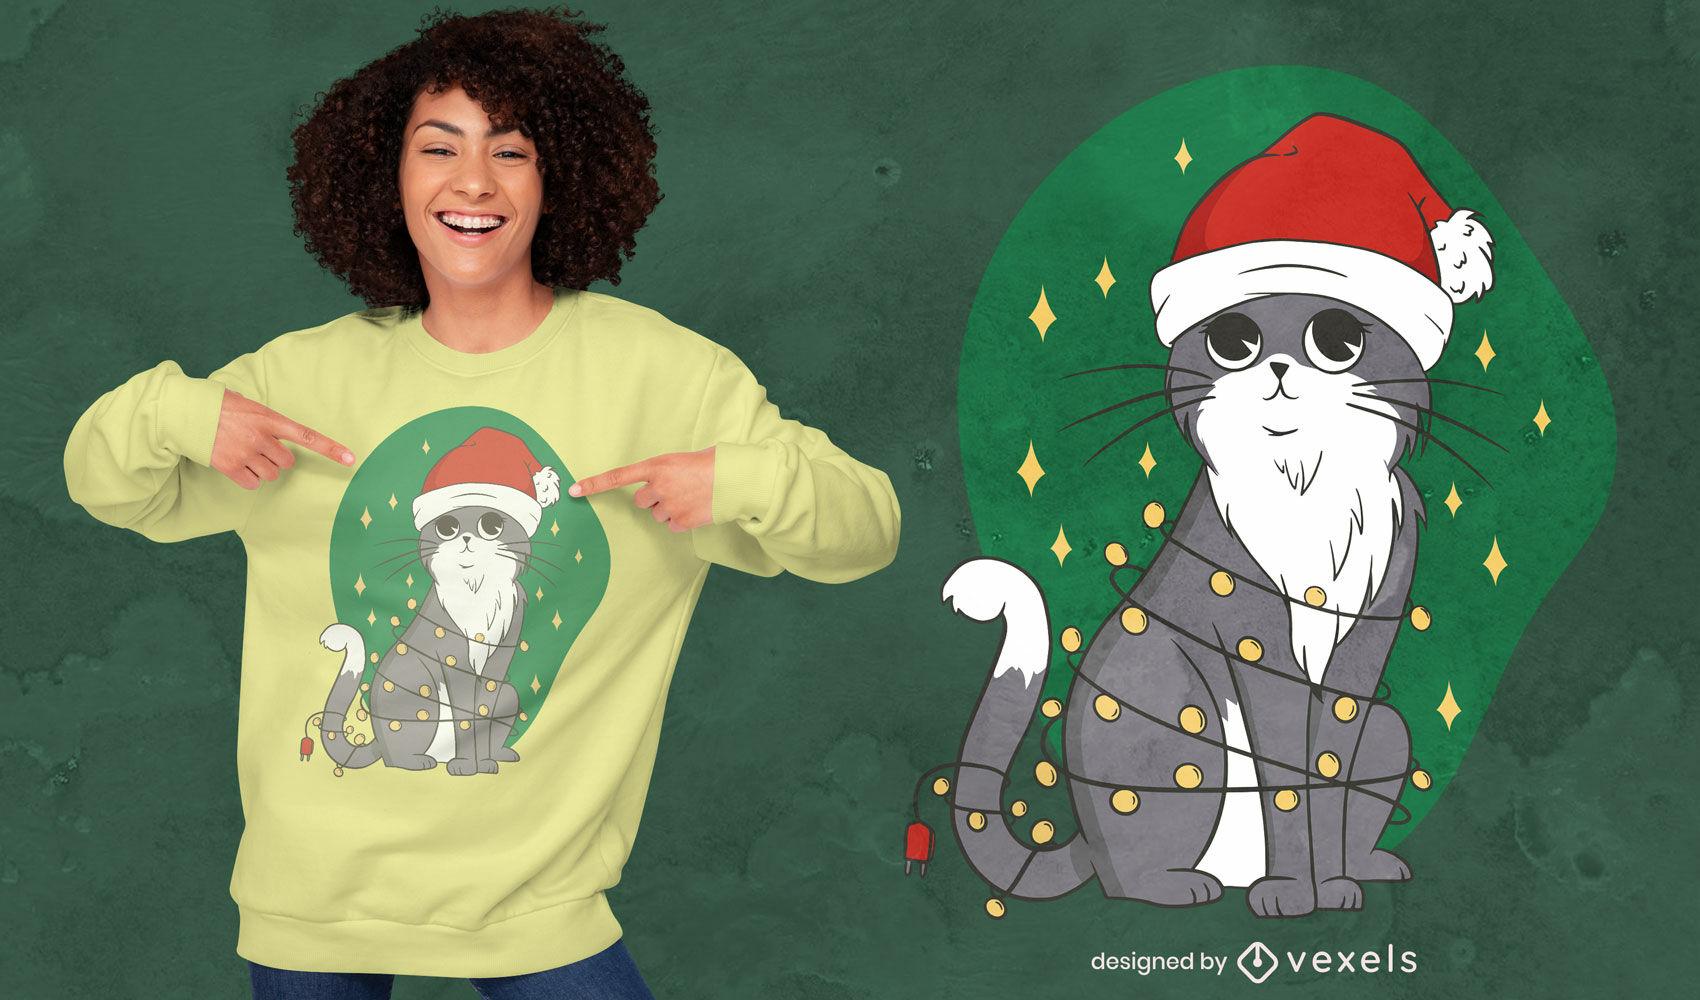 Dise?o de camiseta de gato con luces de ?rbol de navidad